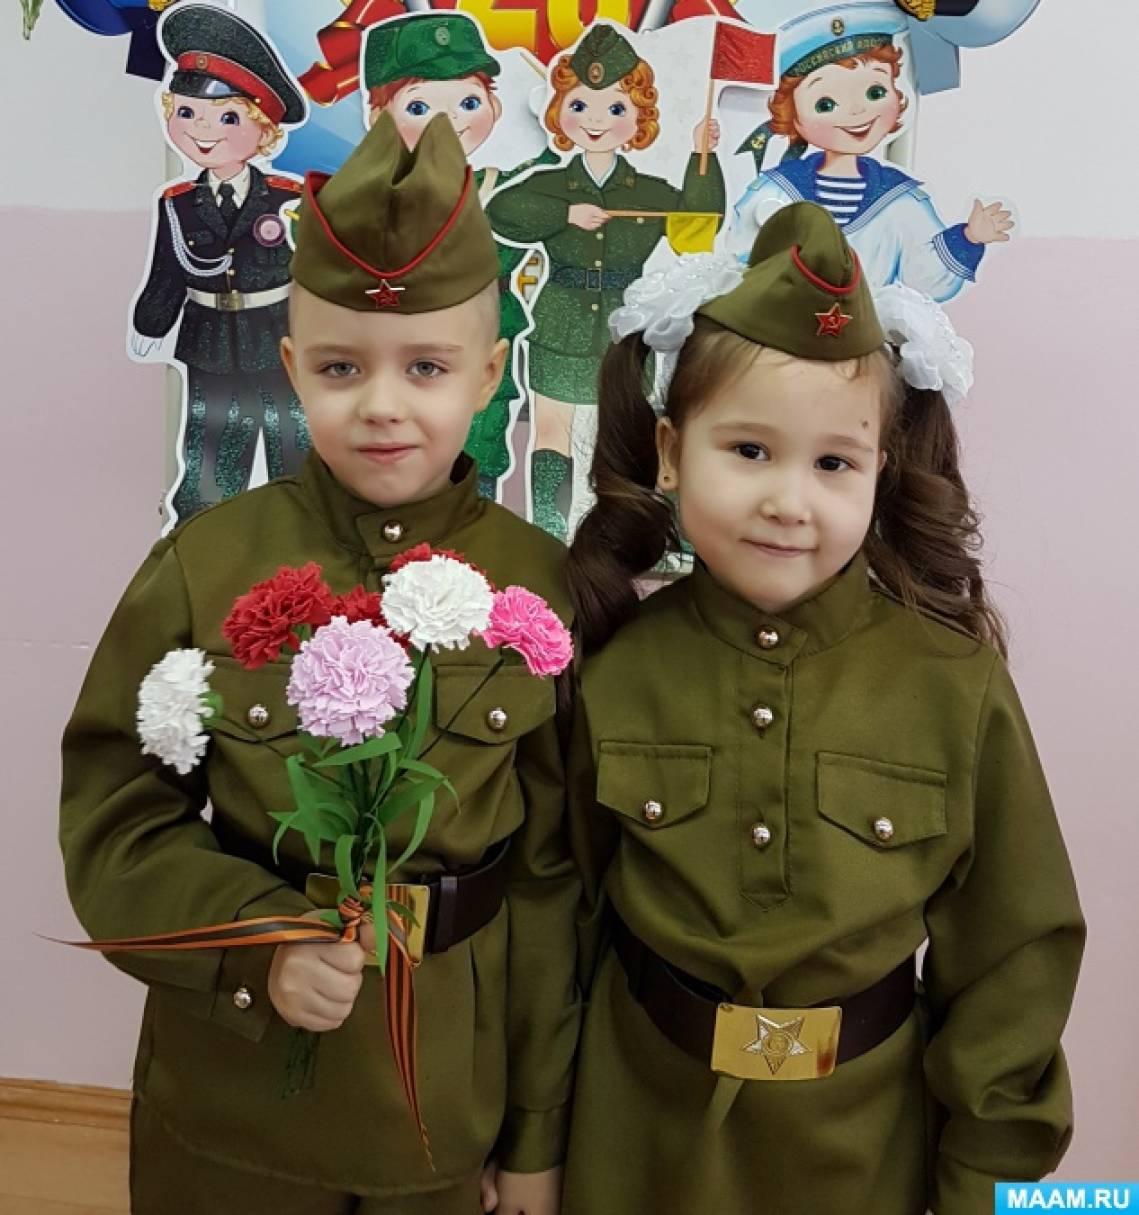 ❶День защитника отечества 2 младшая|Квест в саду на 23 февраля|CALAMEO Downloader|Газета